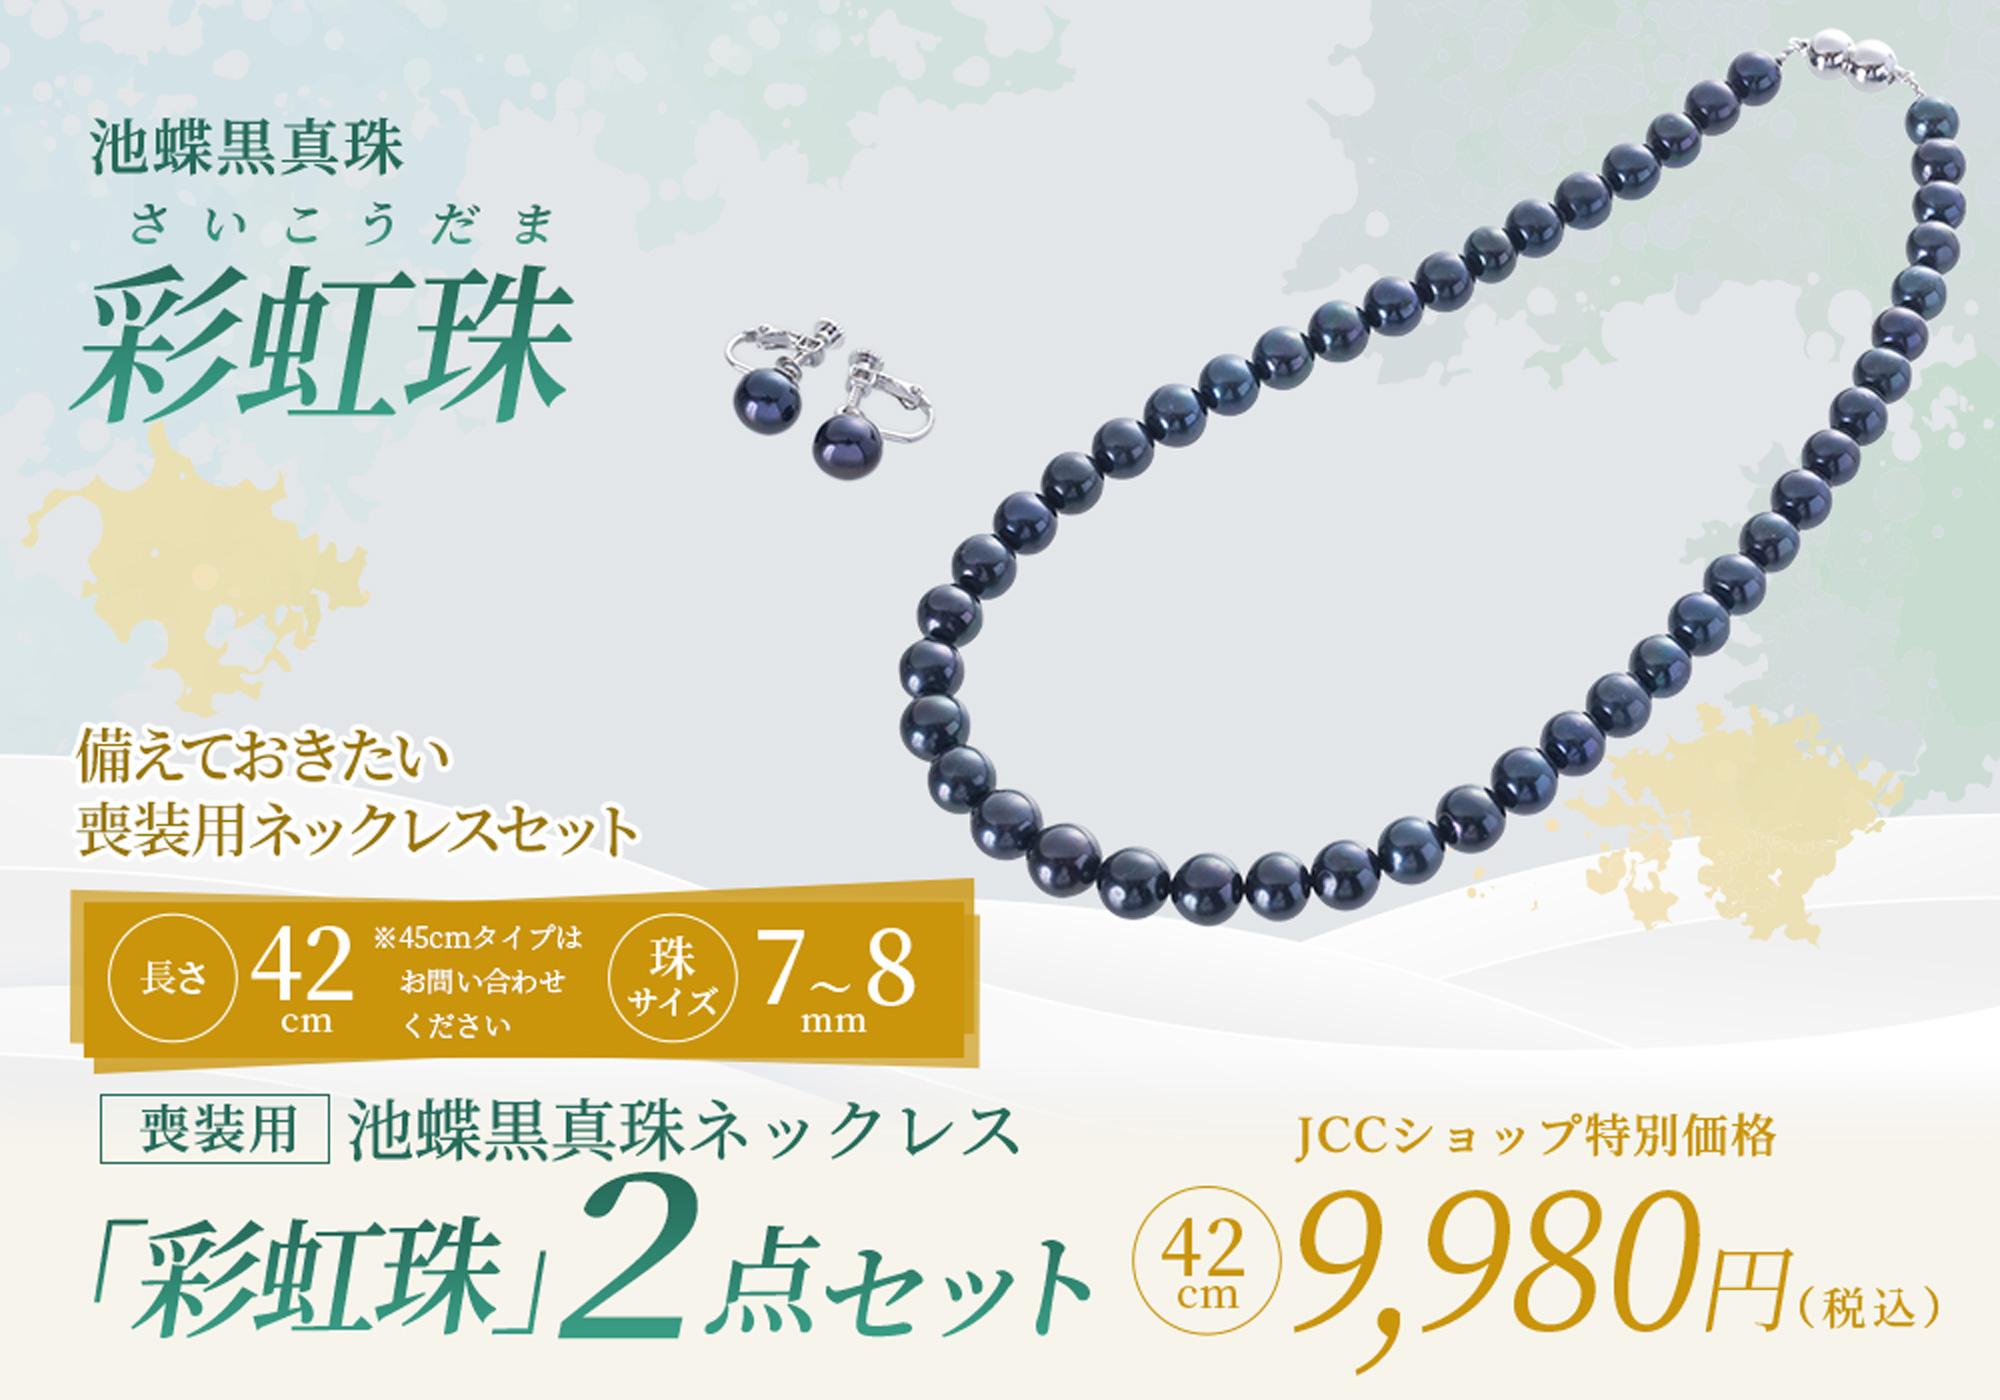 喪装用池蝶黒真珠ネックレス「彩虹珠」2点セット